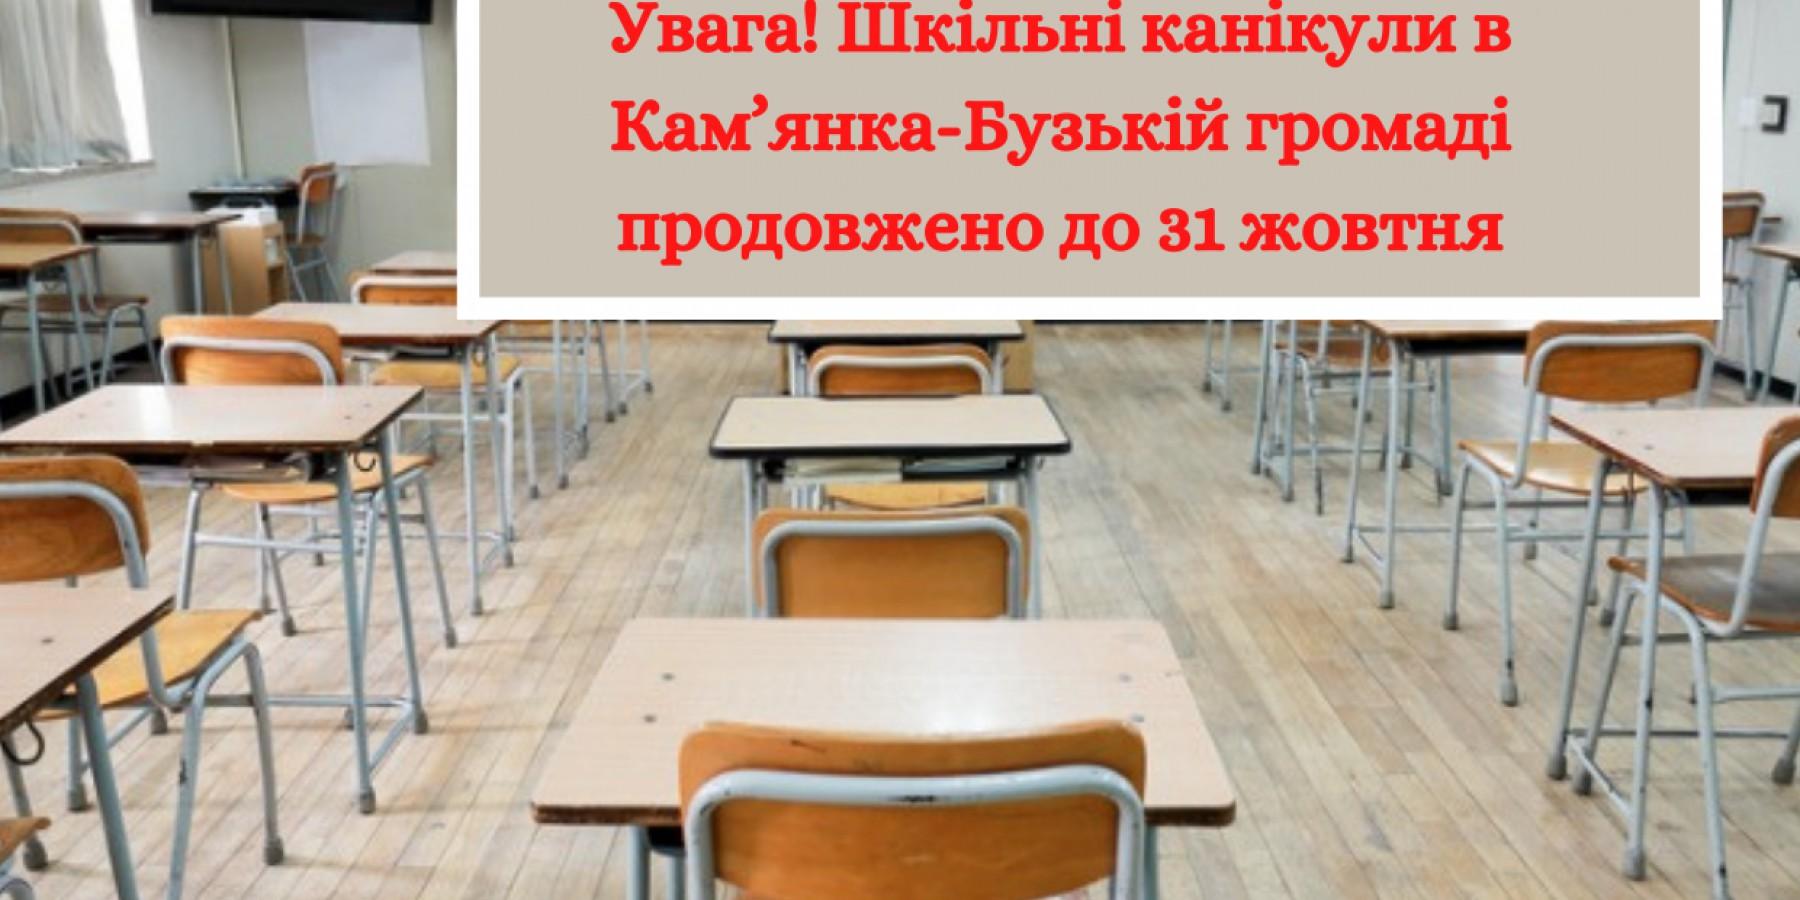 Увага! Шкільні канікули в Кам'янка-Бузькій громаді продовжено до 31 жовтня!